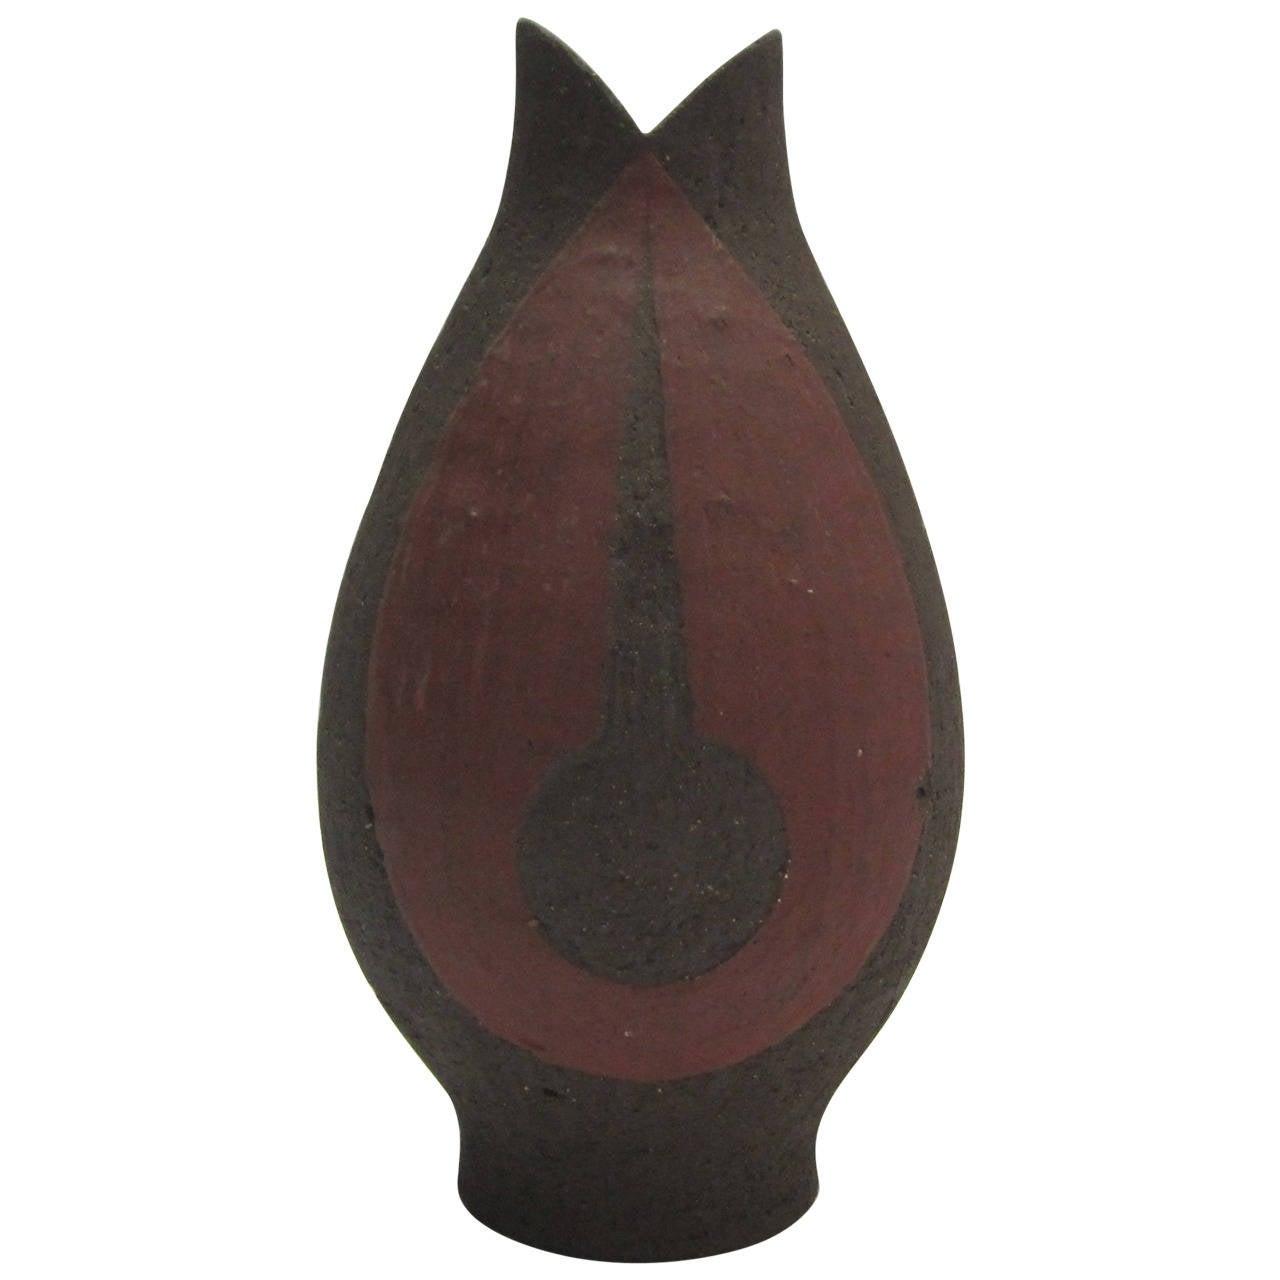 Danish Textured Ceramic Vase